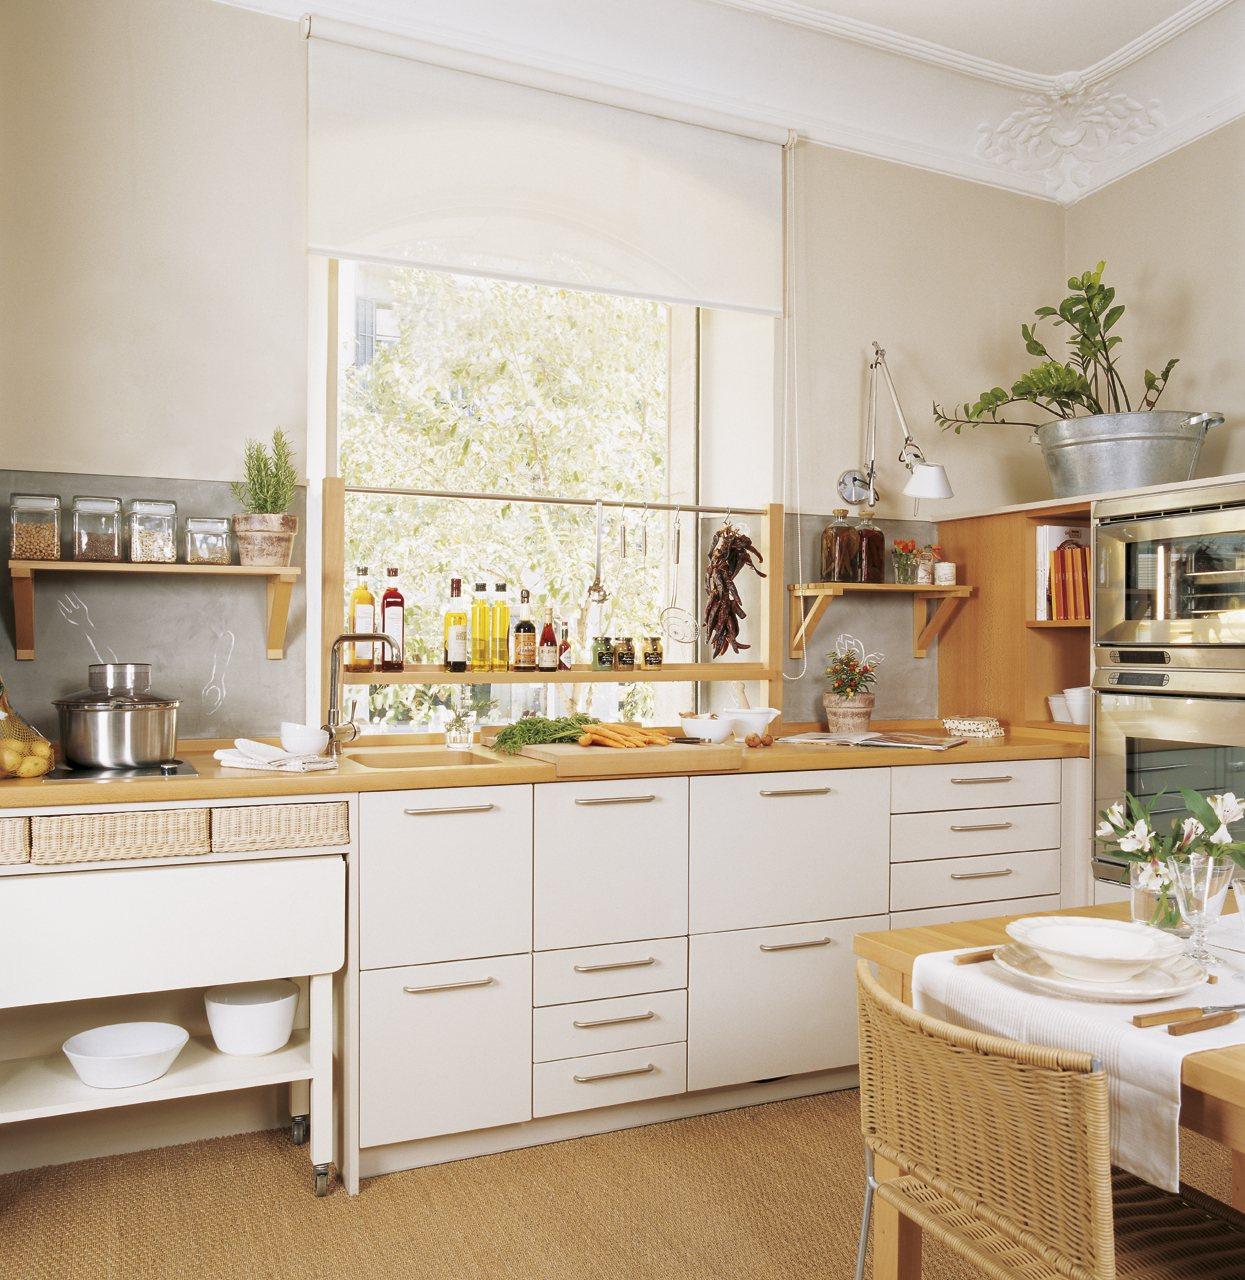 C mo tener una cocina m s ordenada for Como reformar una cocina